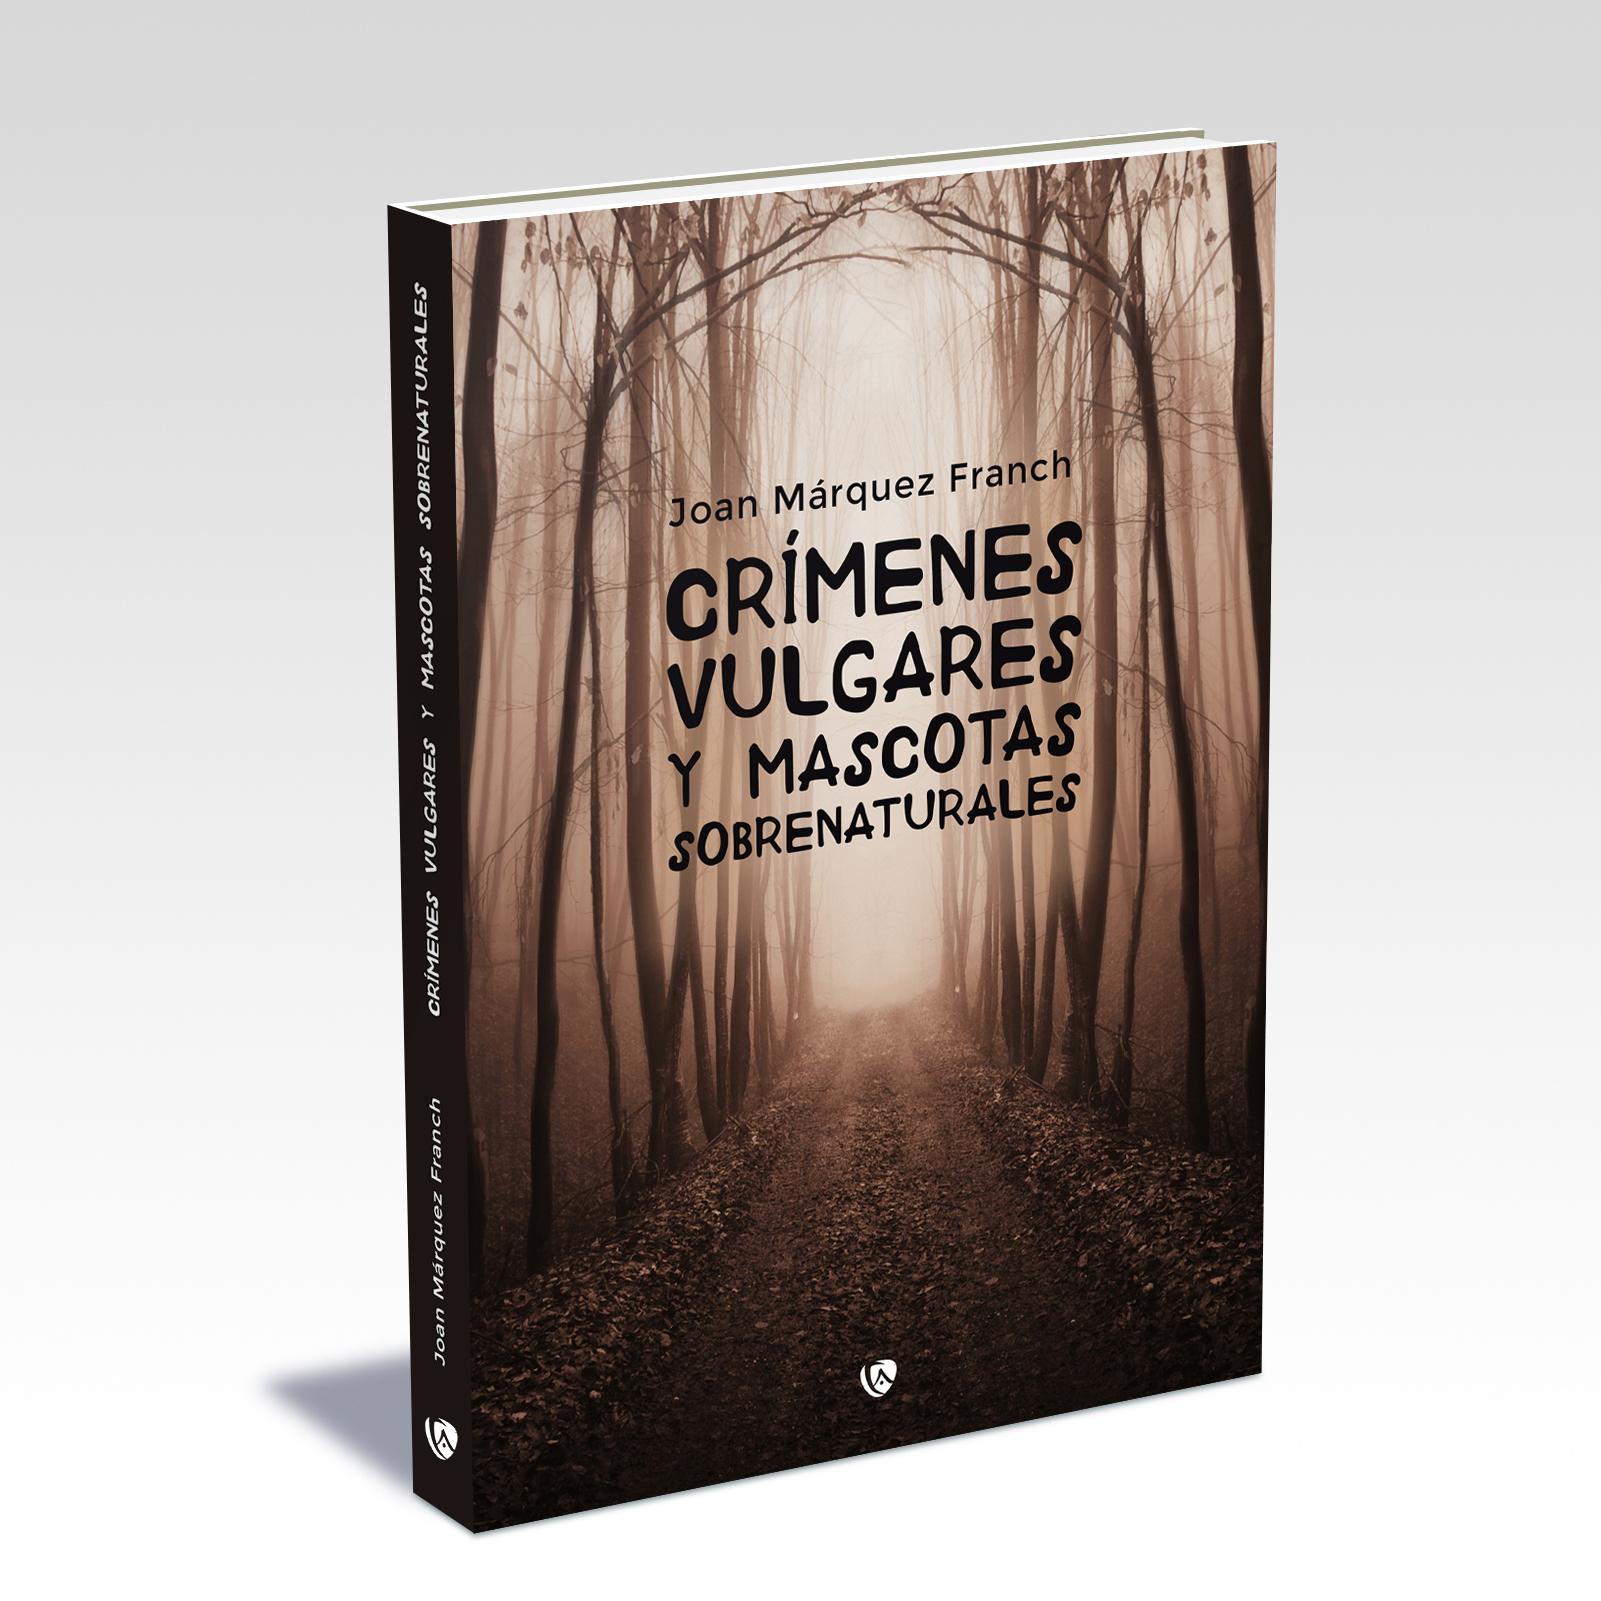 Crímenes vulgares y mascotas sobrenaturales (Nuevo)